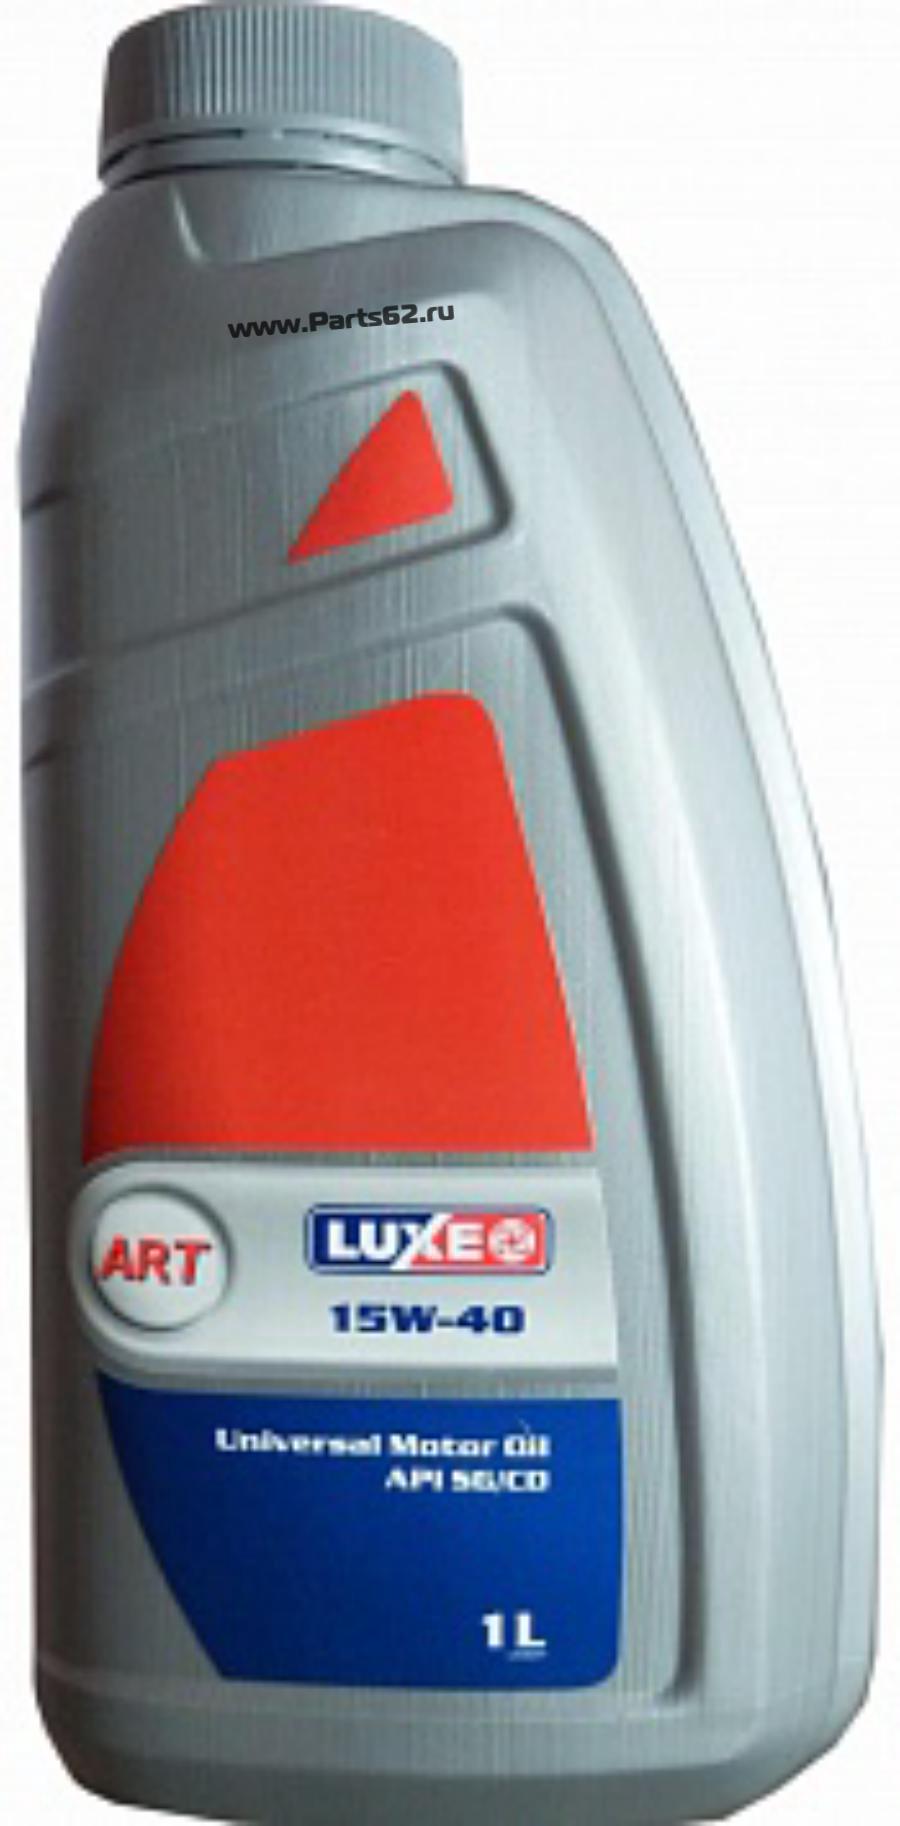 Масло моторное минеральное STANDARD 15W-40, 1л